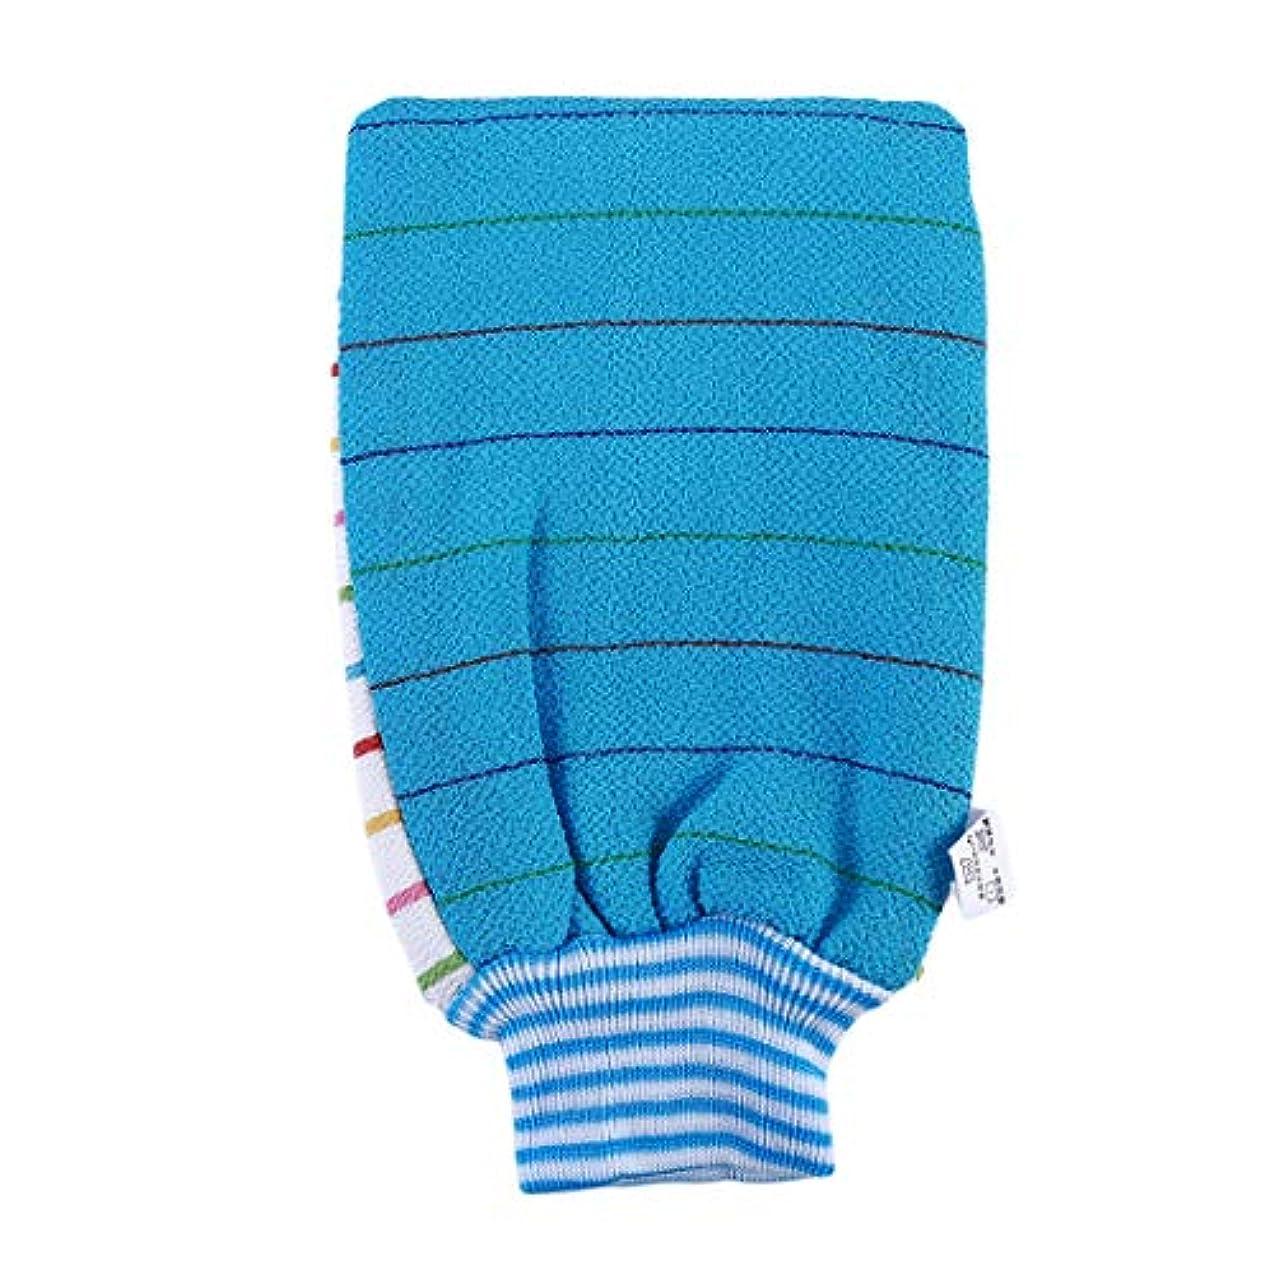 トロリーワイド遺伝的KLUMA 浴用手袋 ボディ手袋 ボディタオル 垢すり用グローブ 毛穴清潔 角質除去 入浴用品 ブルー